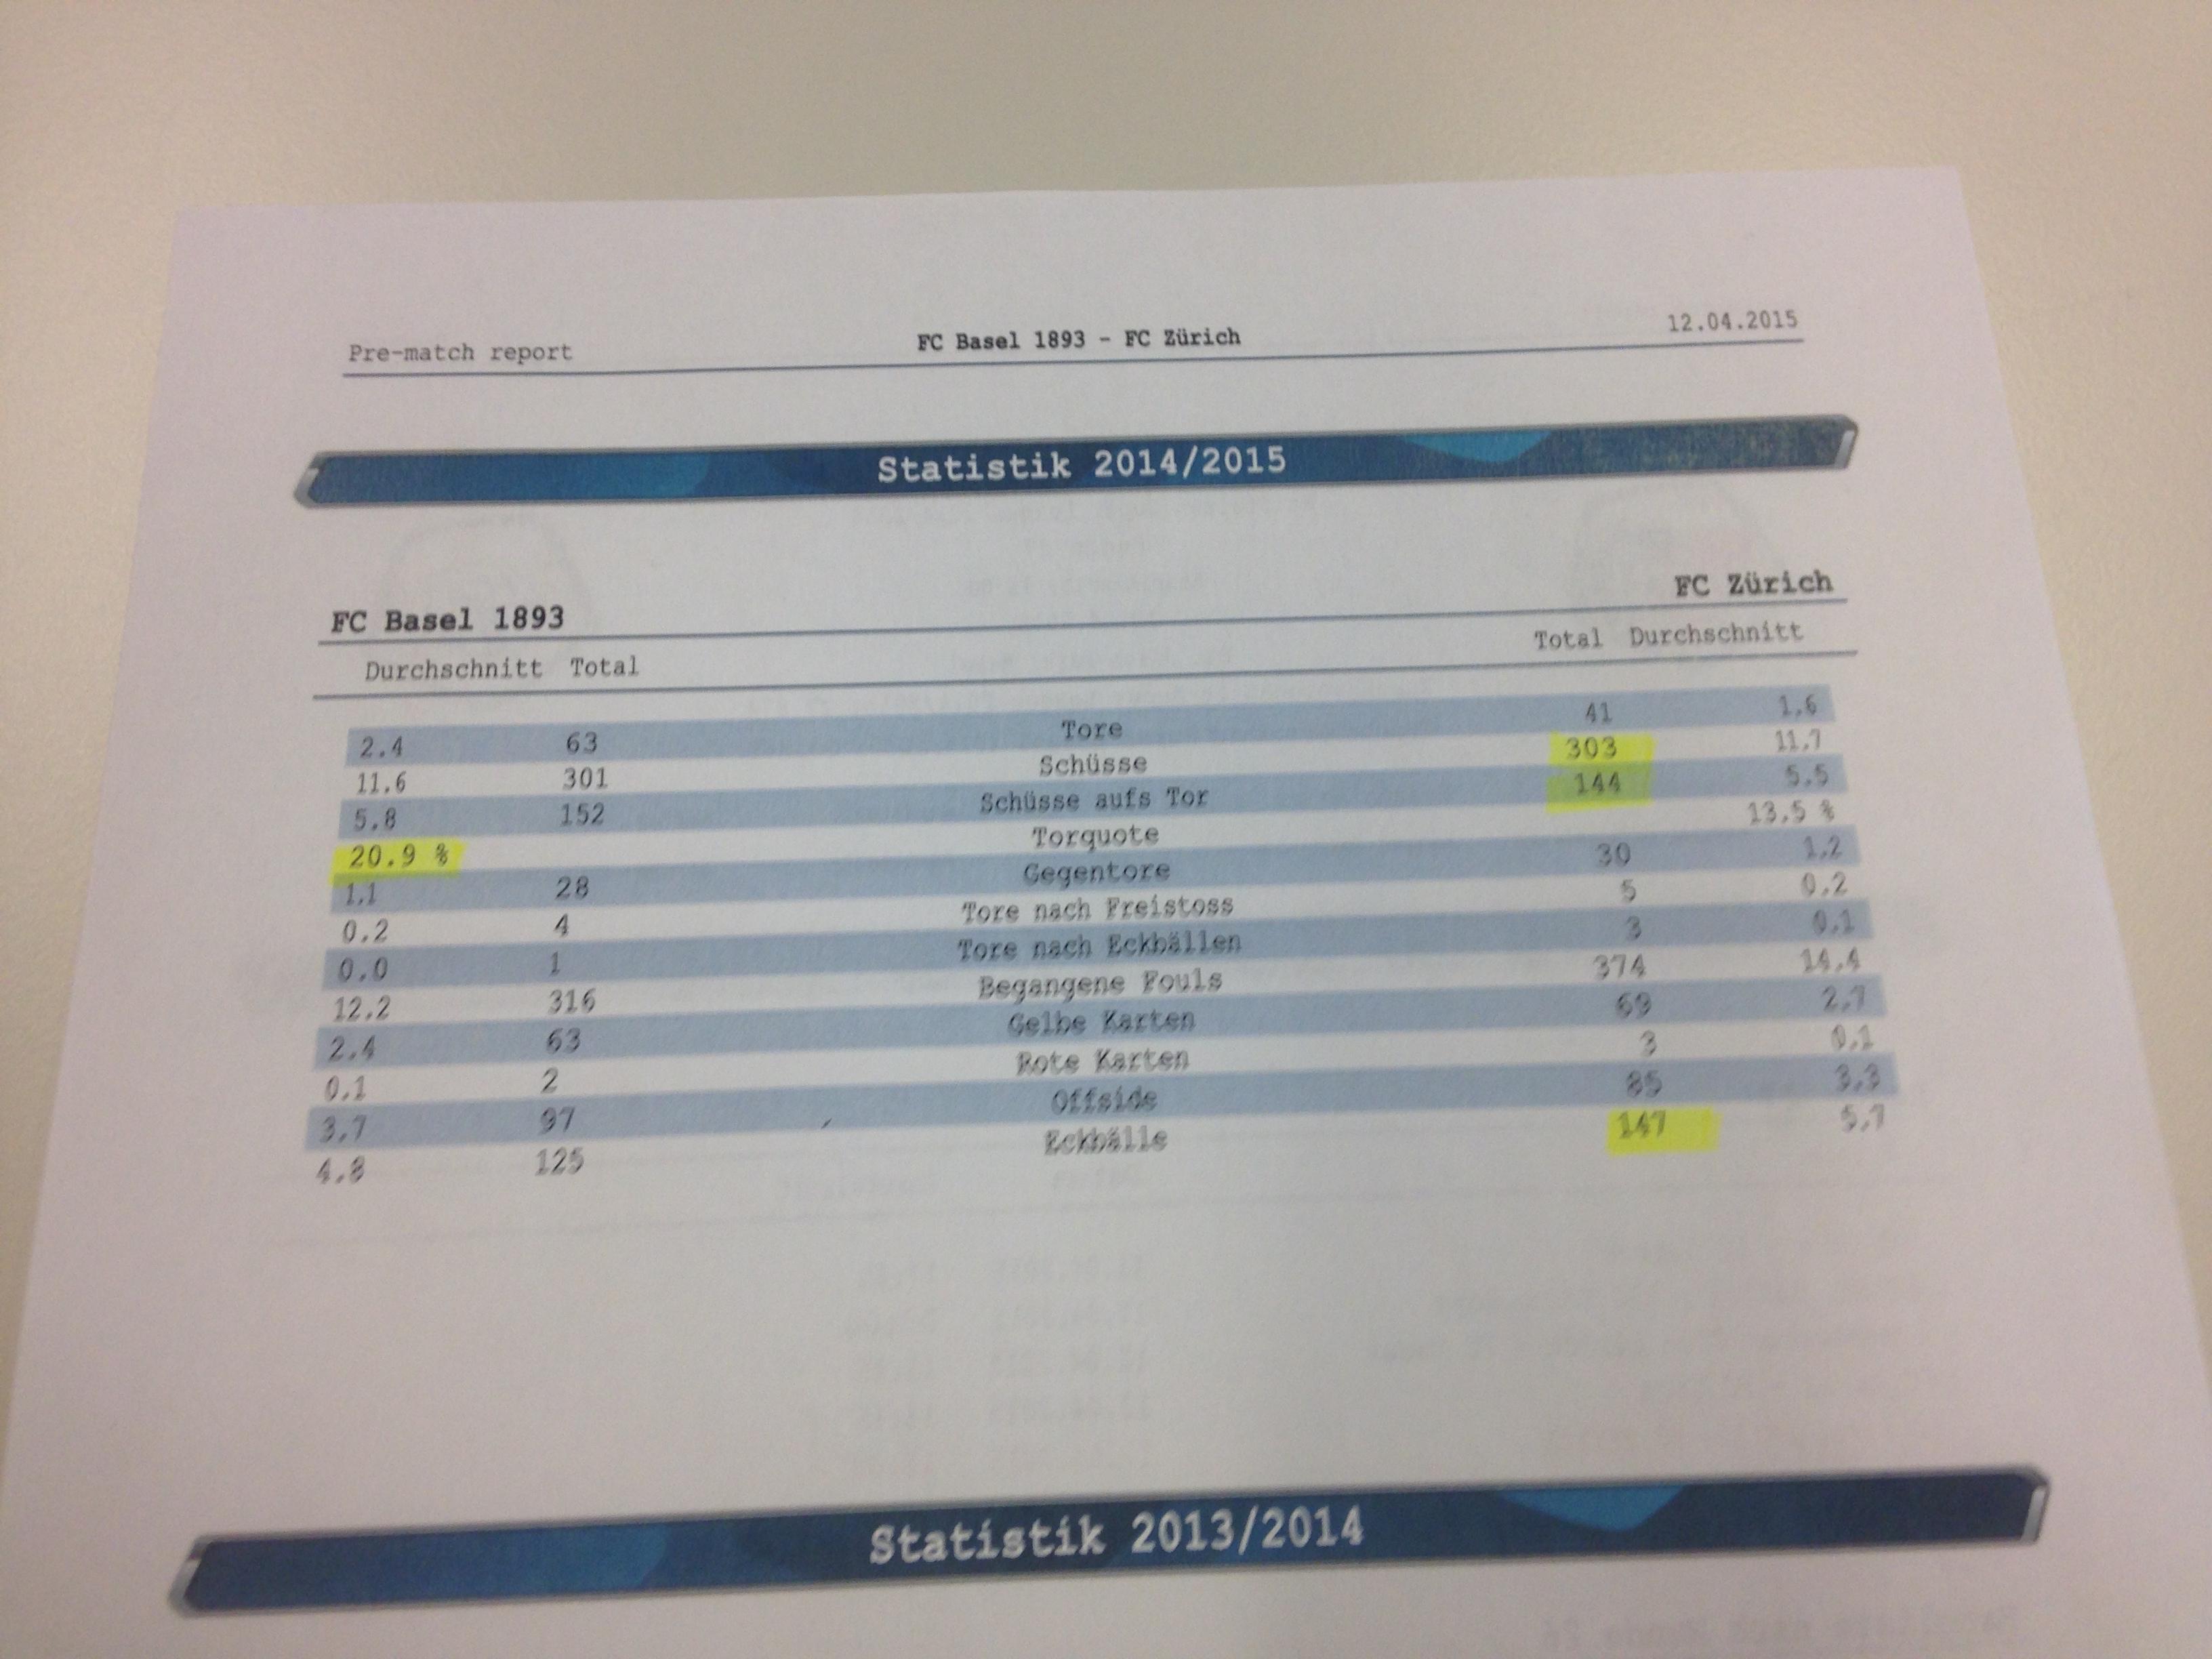 Das von Urs Meier mitgebrachte Statistikblatt, das den FC Zürich mit dem FC Basel vergleicht.